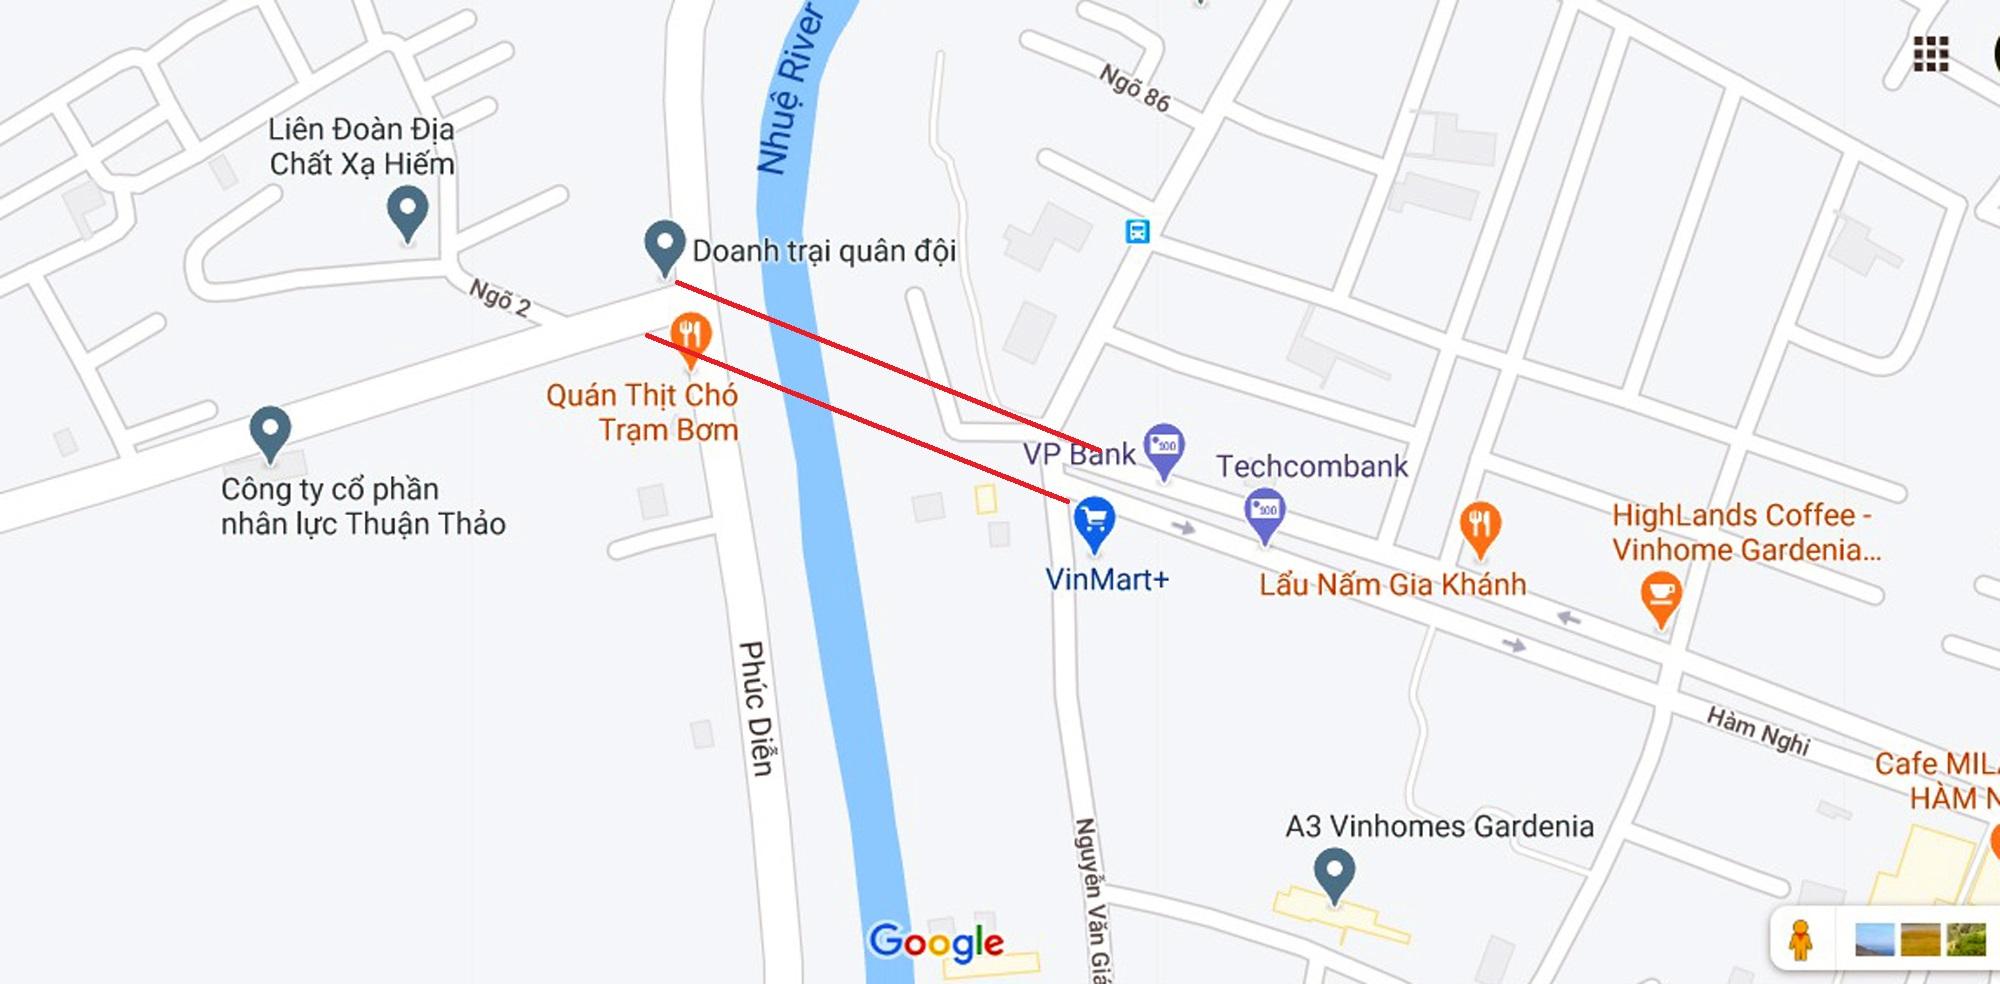 Ba đường sẽ mở theo qui hoạch ở phường Cầu Diễn, Nam Từ Liêm, Hà Nội - Ảnh 2.